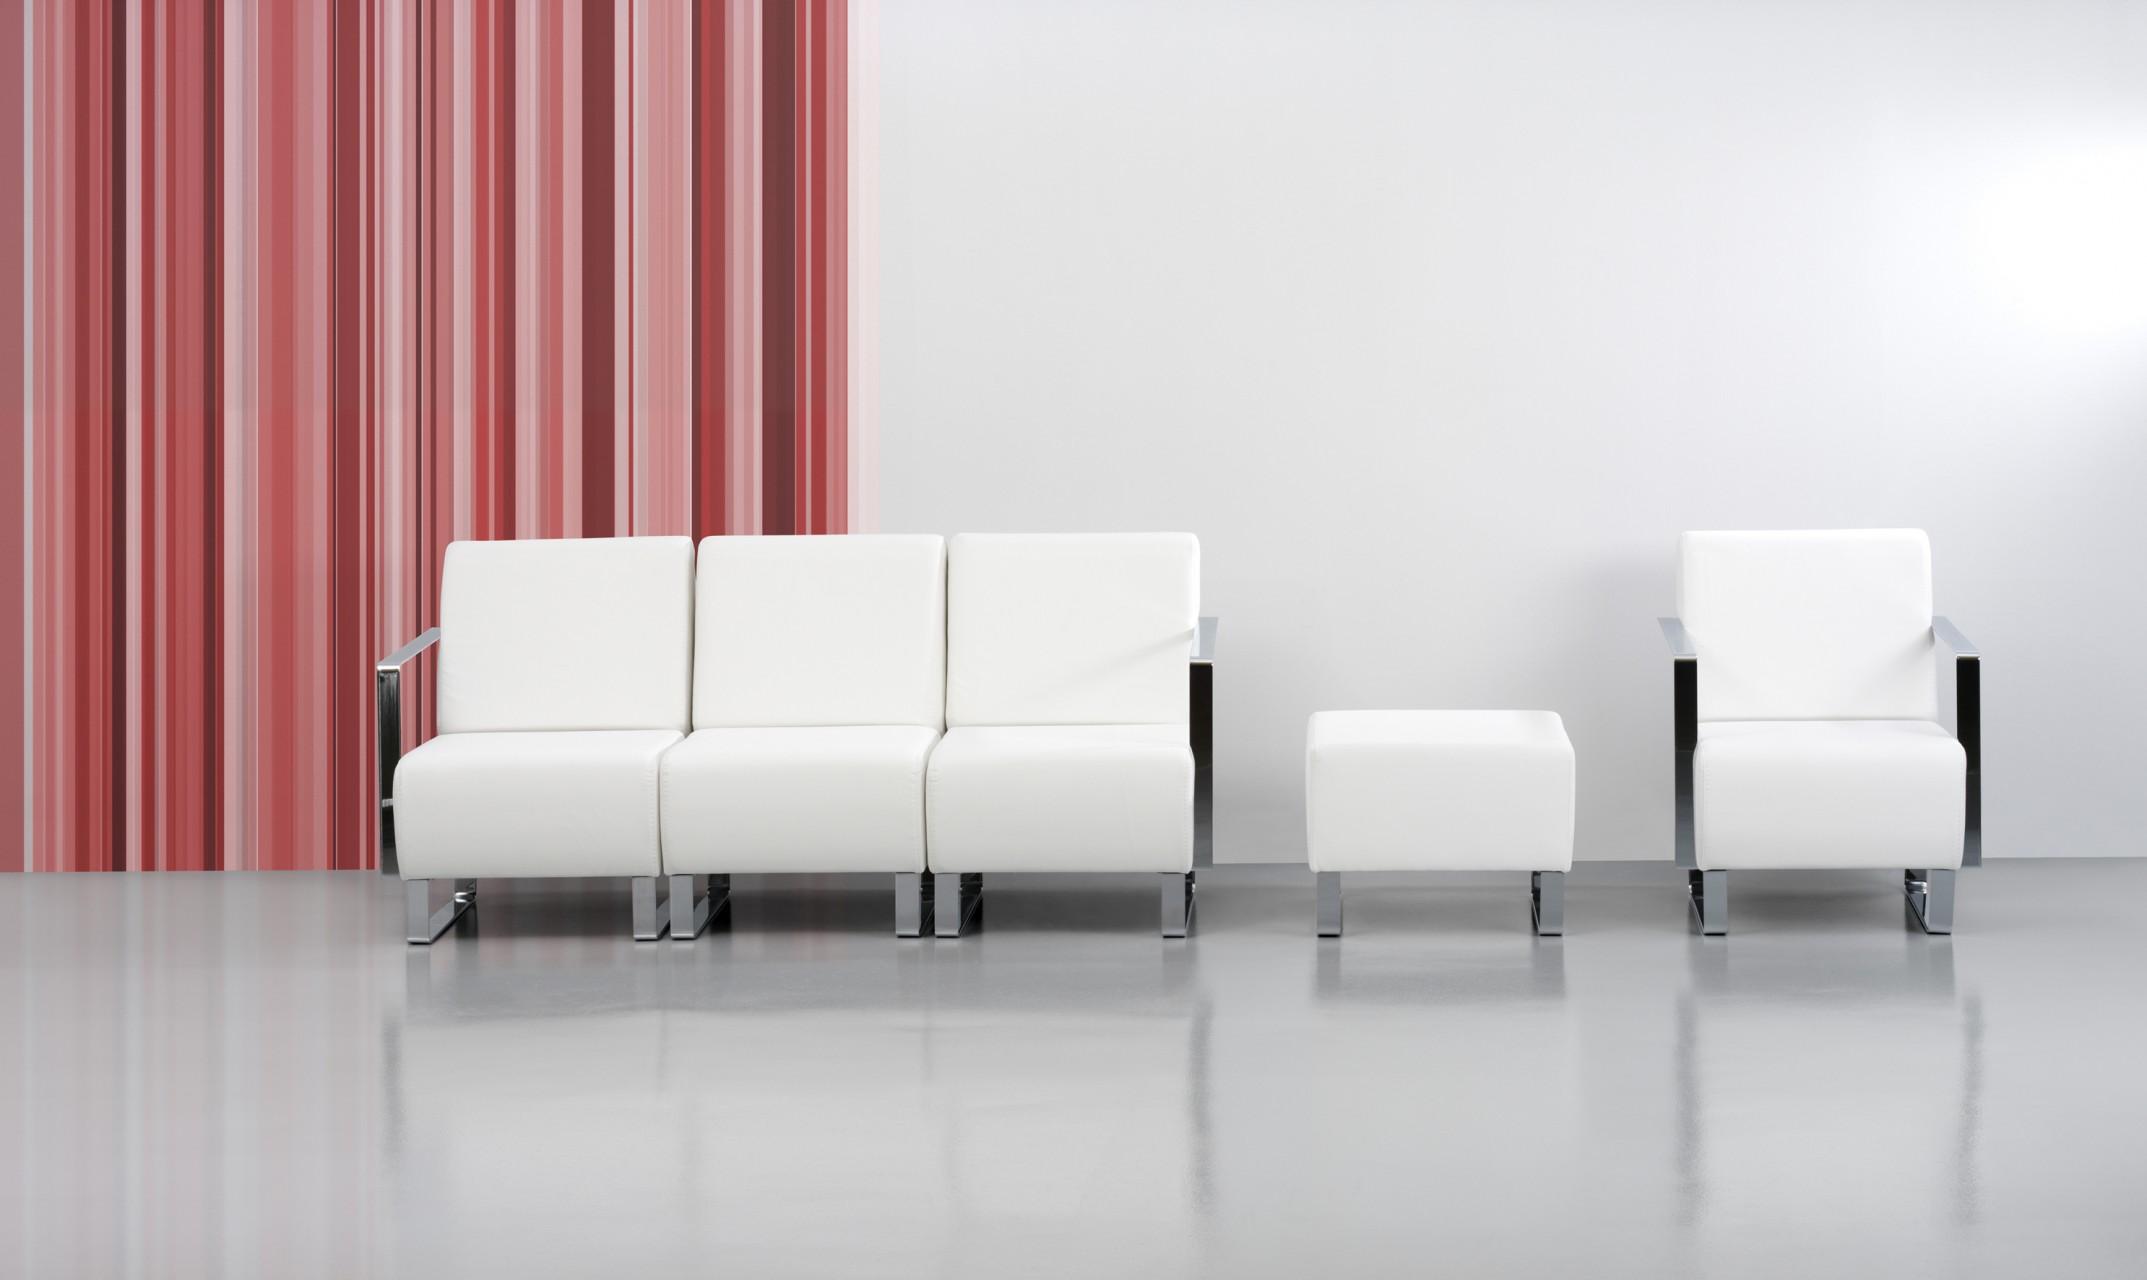 Canap tempi 2 et 3 places achat fauteuils d 39 accueil canap s cha - Canape 2 places fauteuil assorti ...